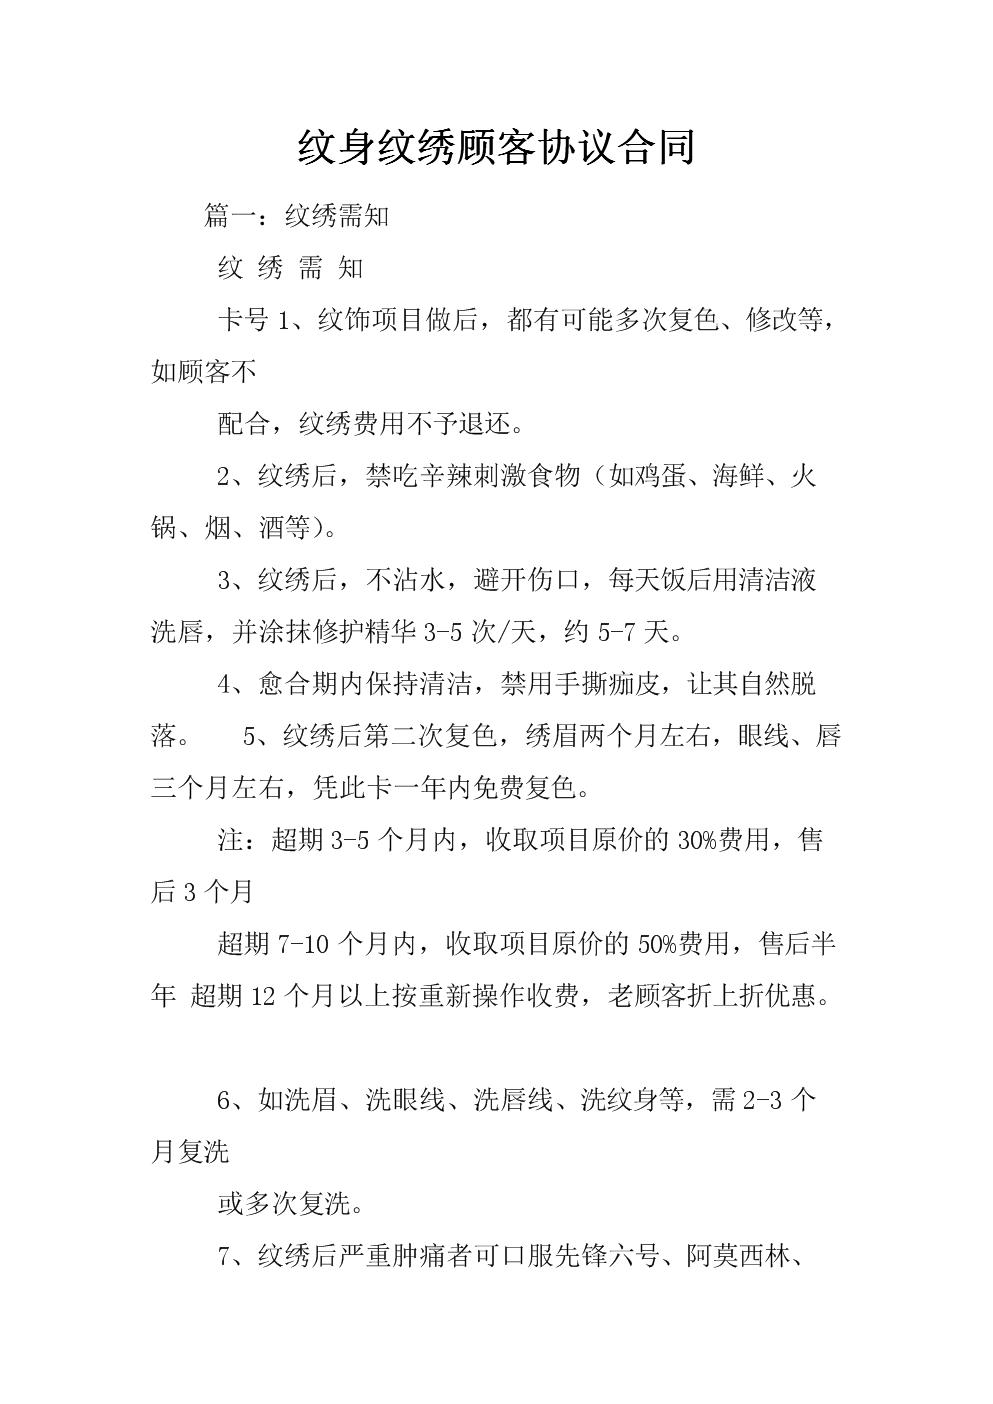 协议_纹身纹绣顾客协议合同.docx